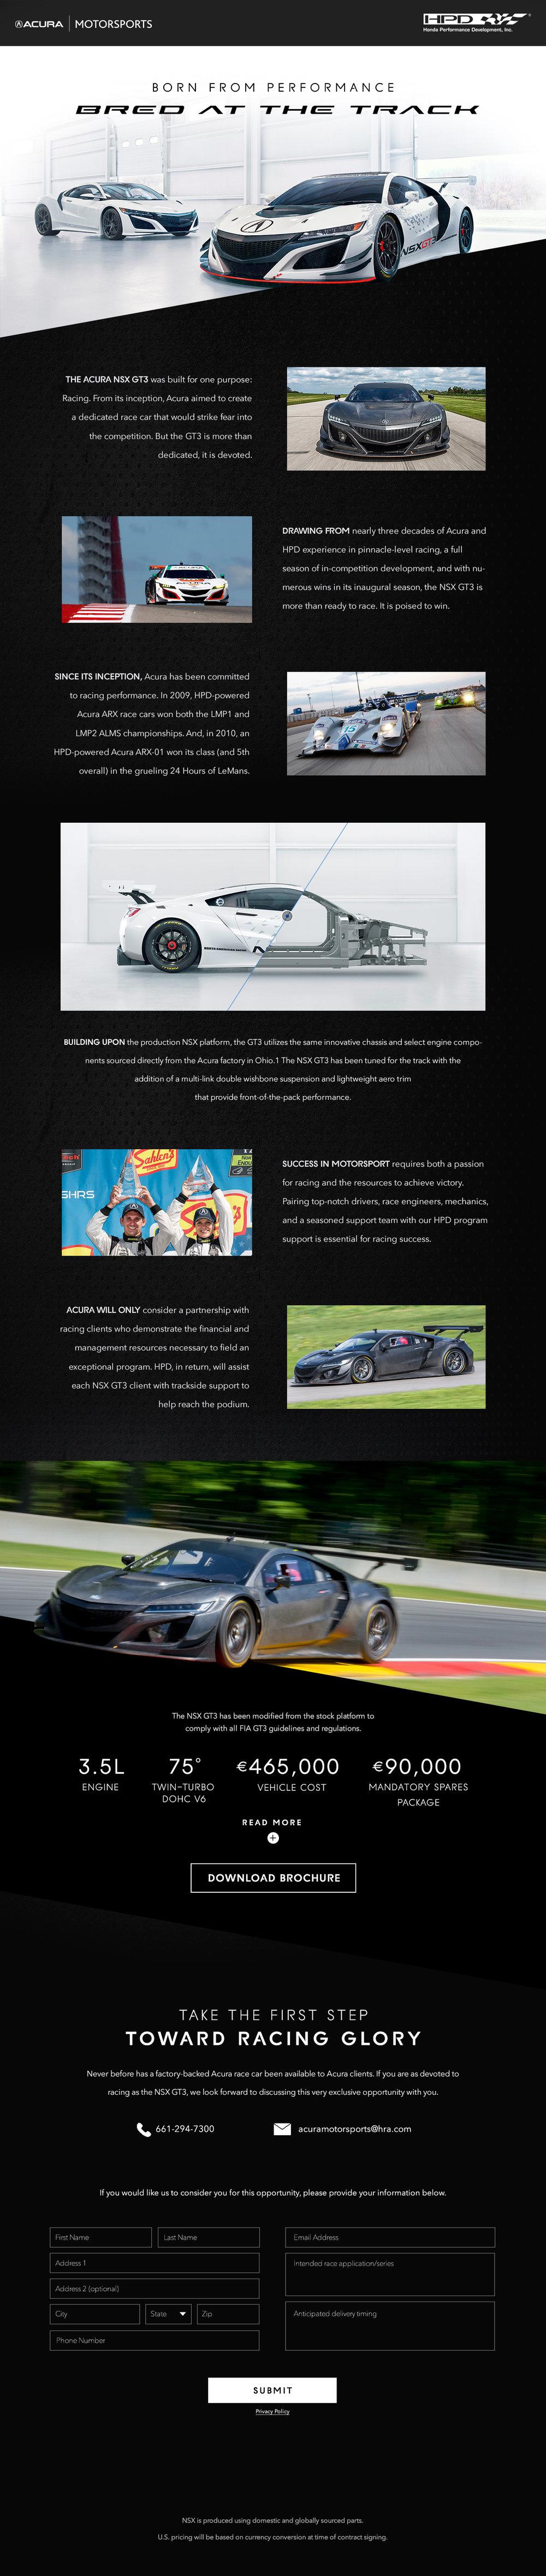 Design_AKW_NSX_GT3.jpg